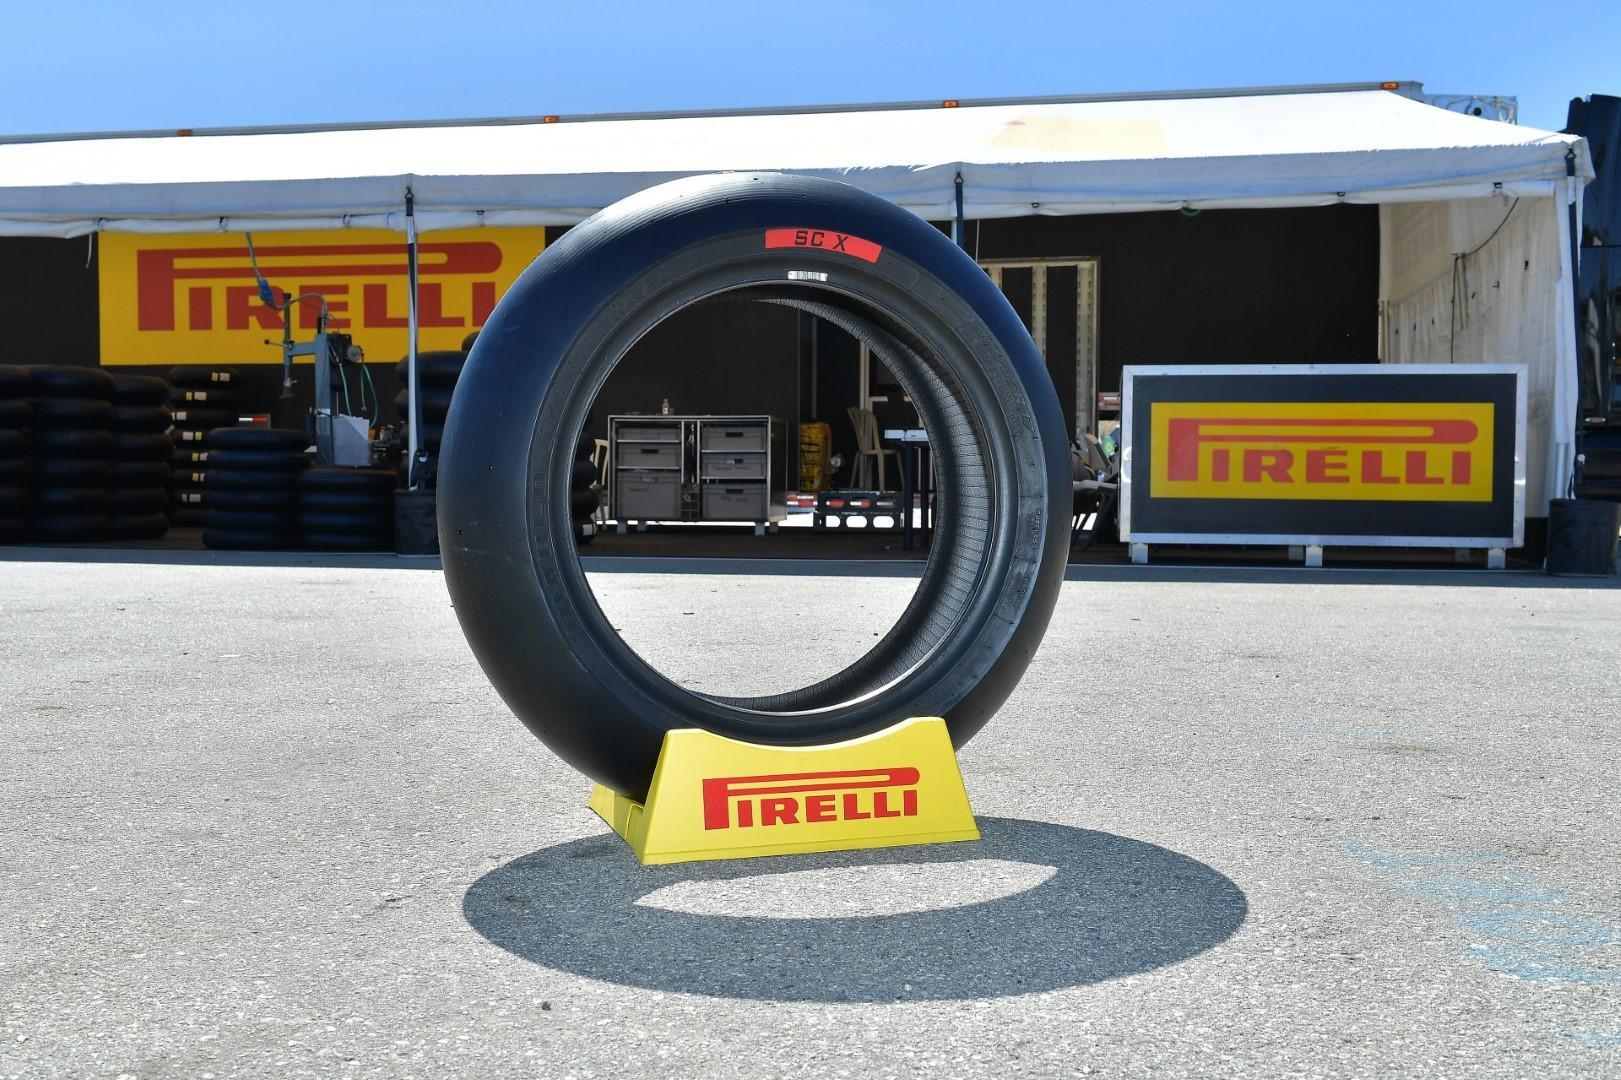 Pirelli fournisseur officiel pour toutes les catégories du Championnat du Monde FIM Superbike jusqu'en 2023